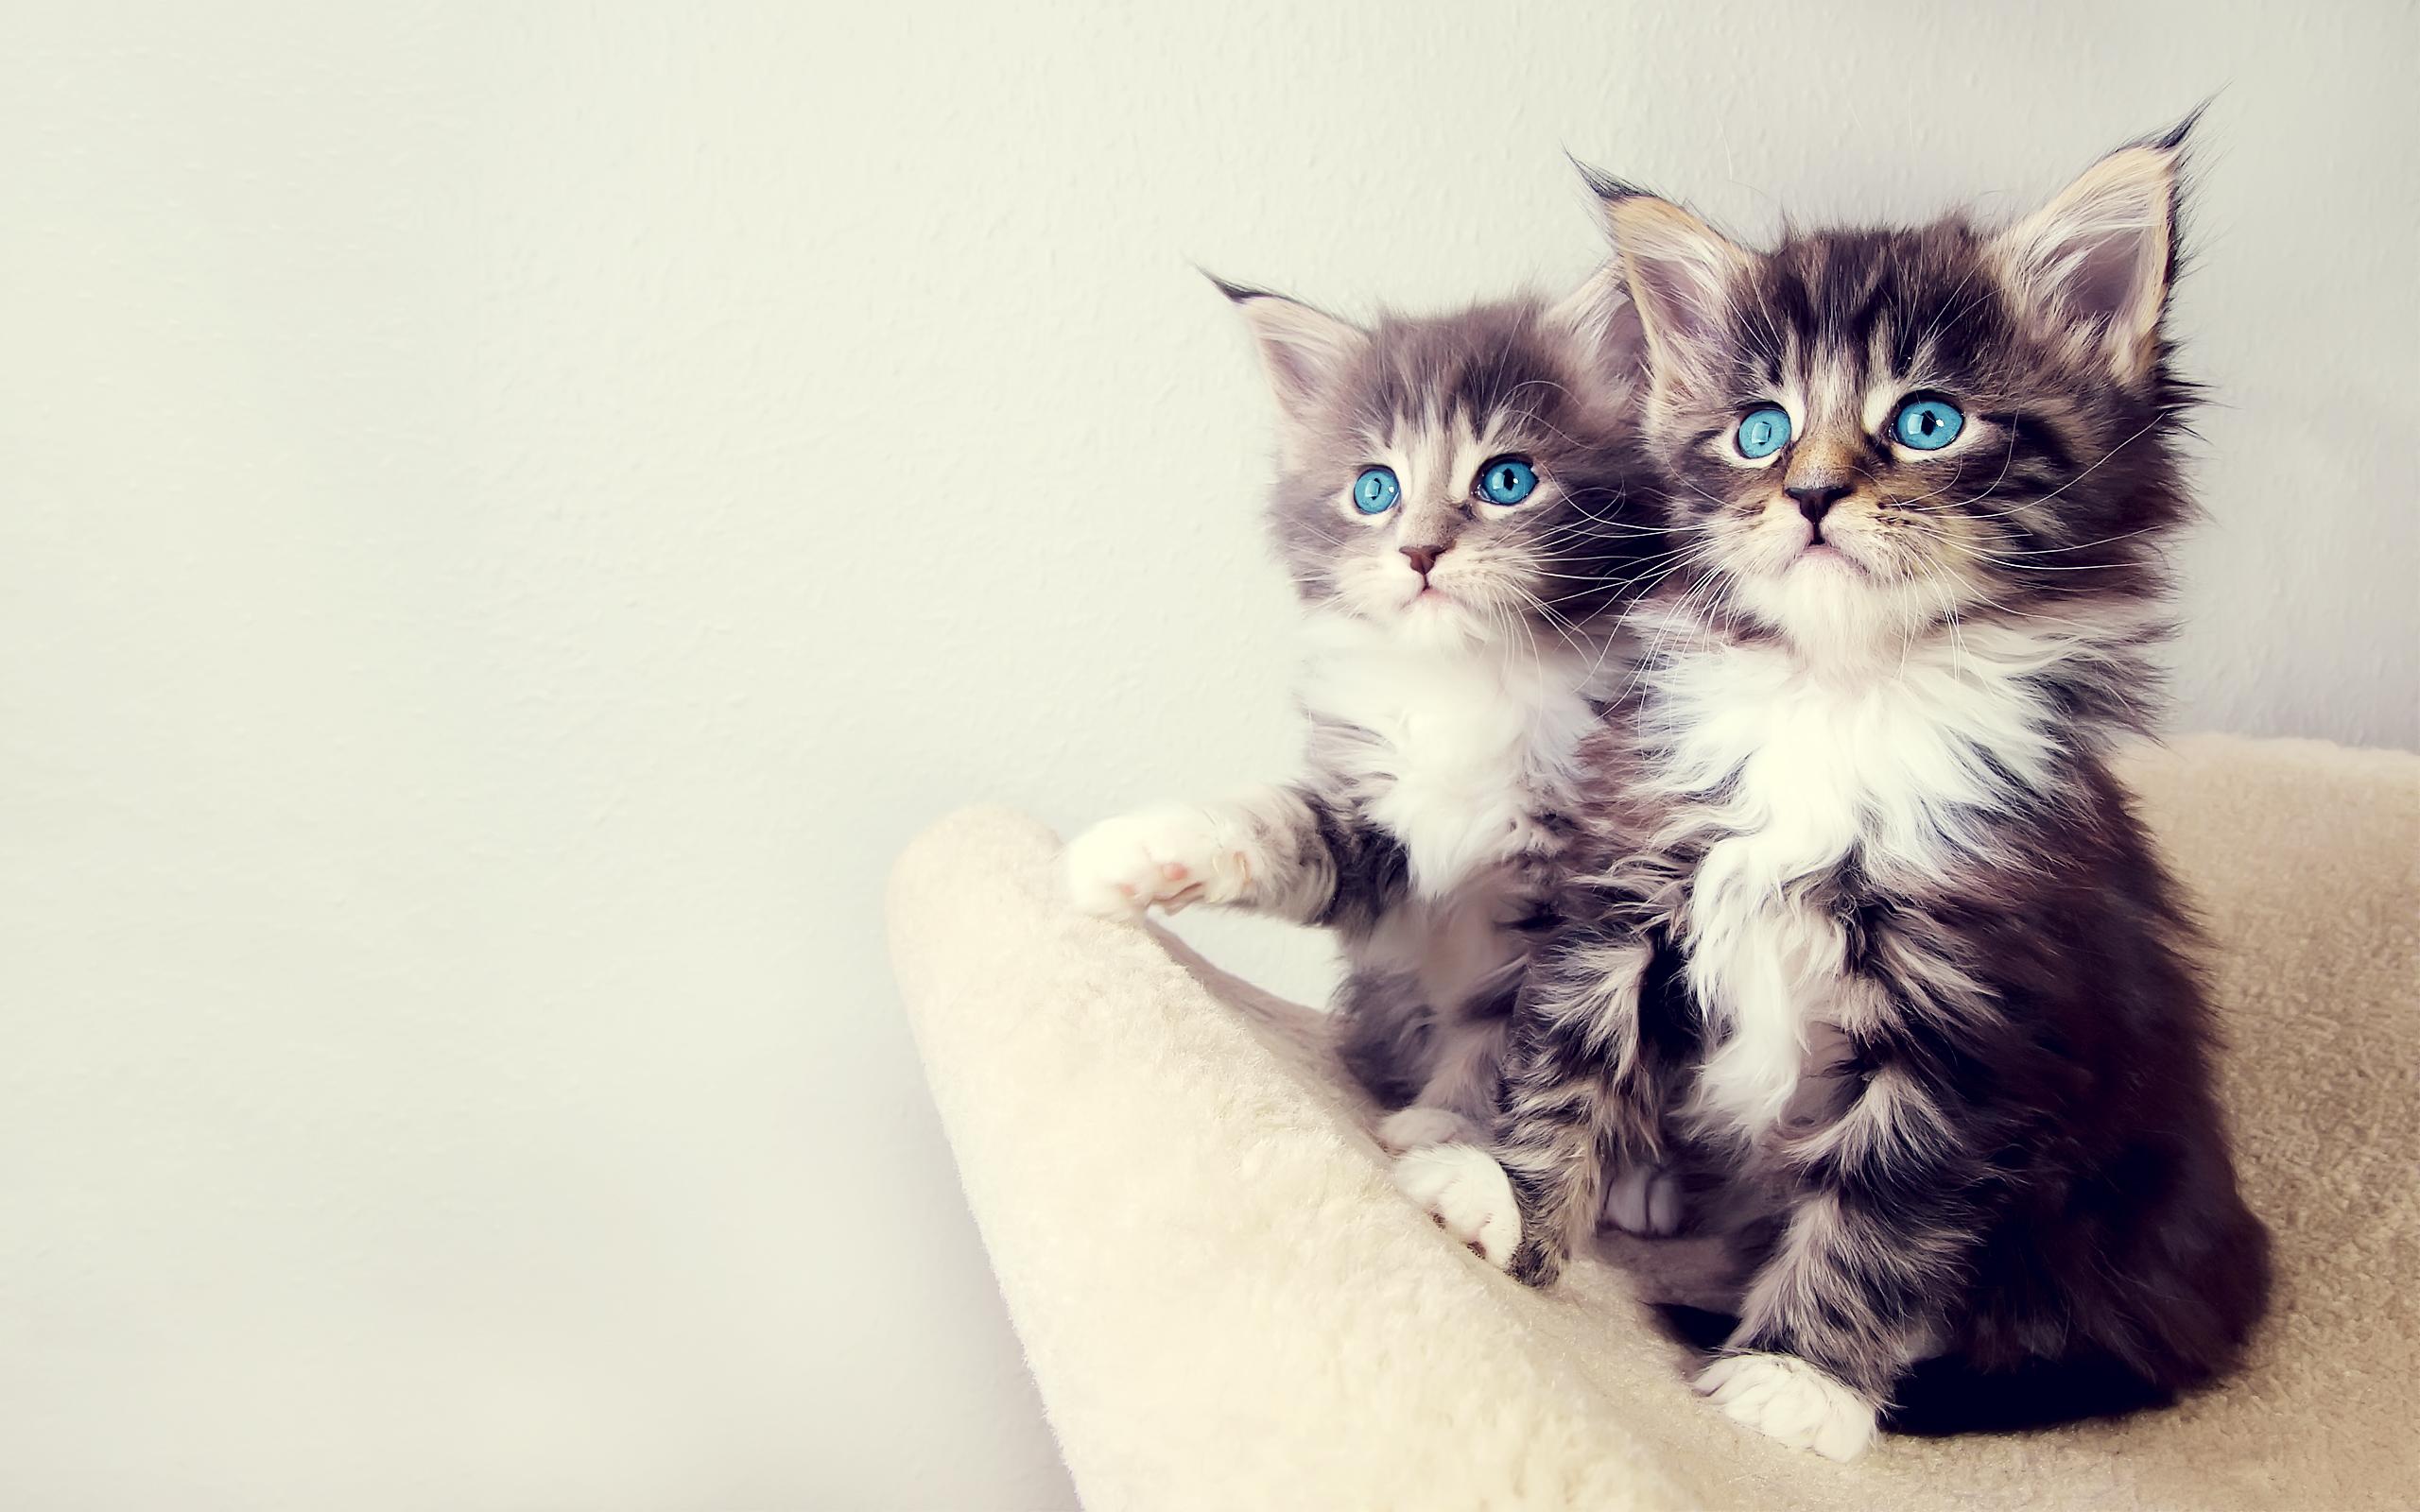 cute_kittens-wide